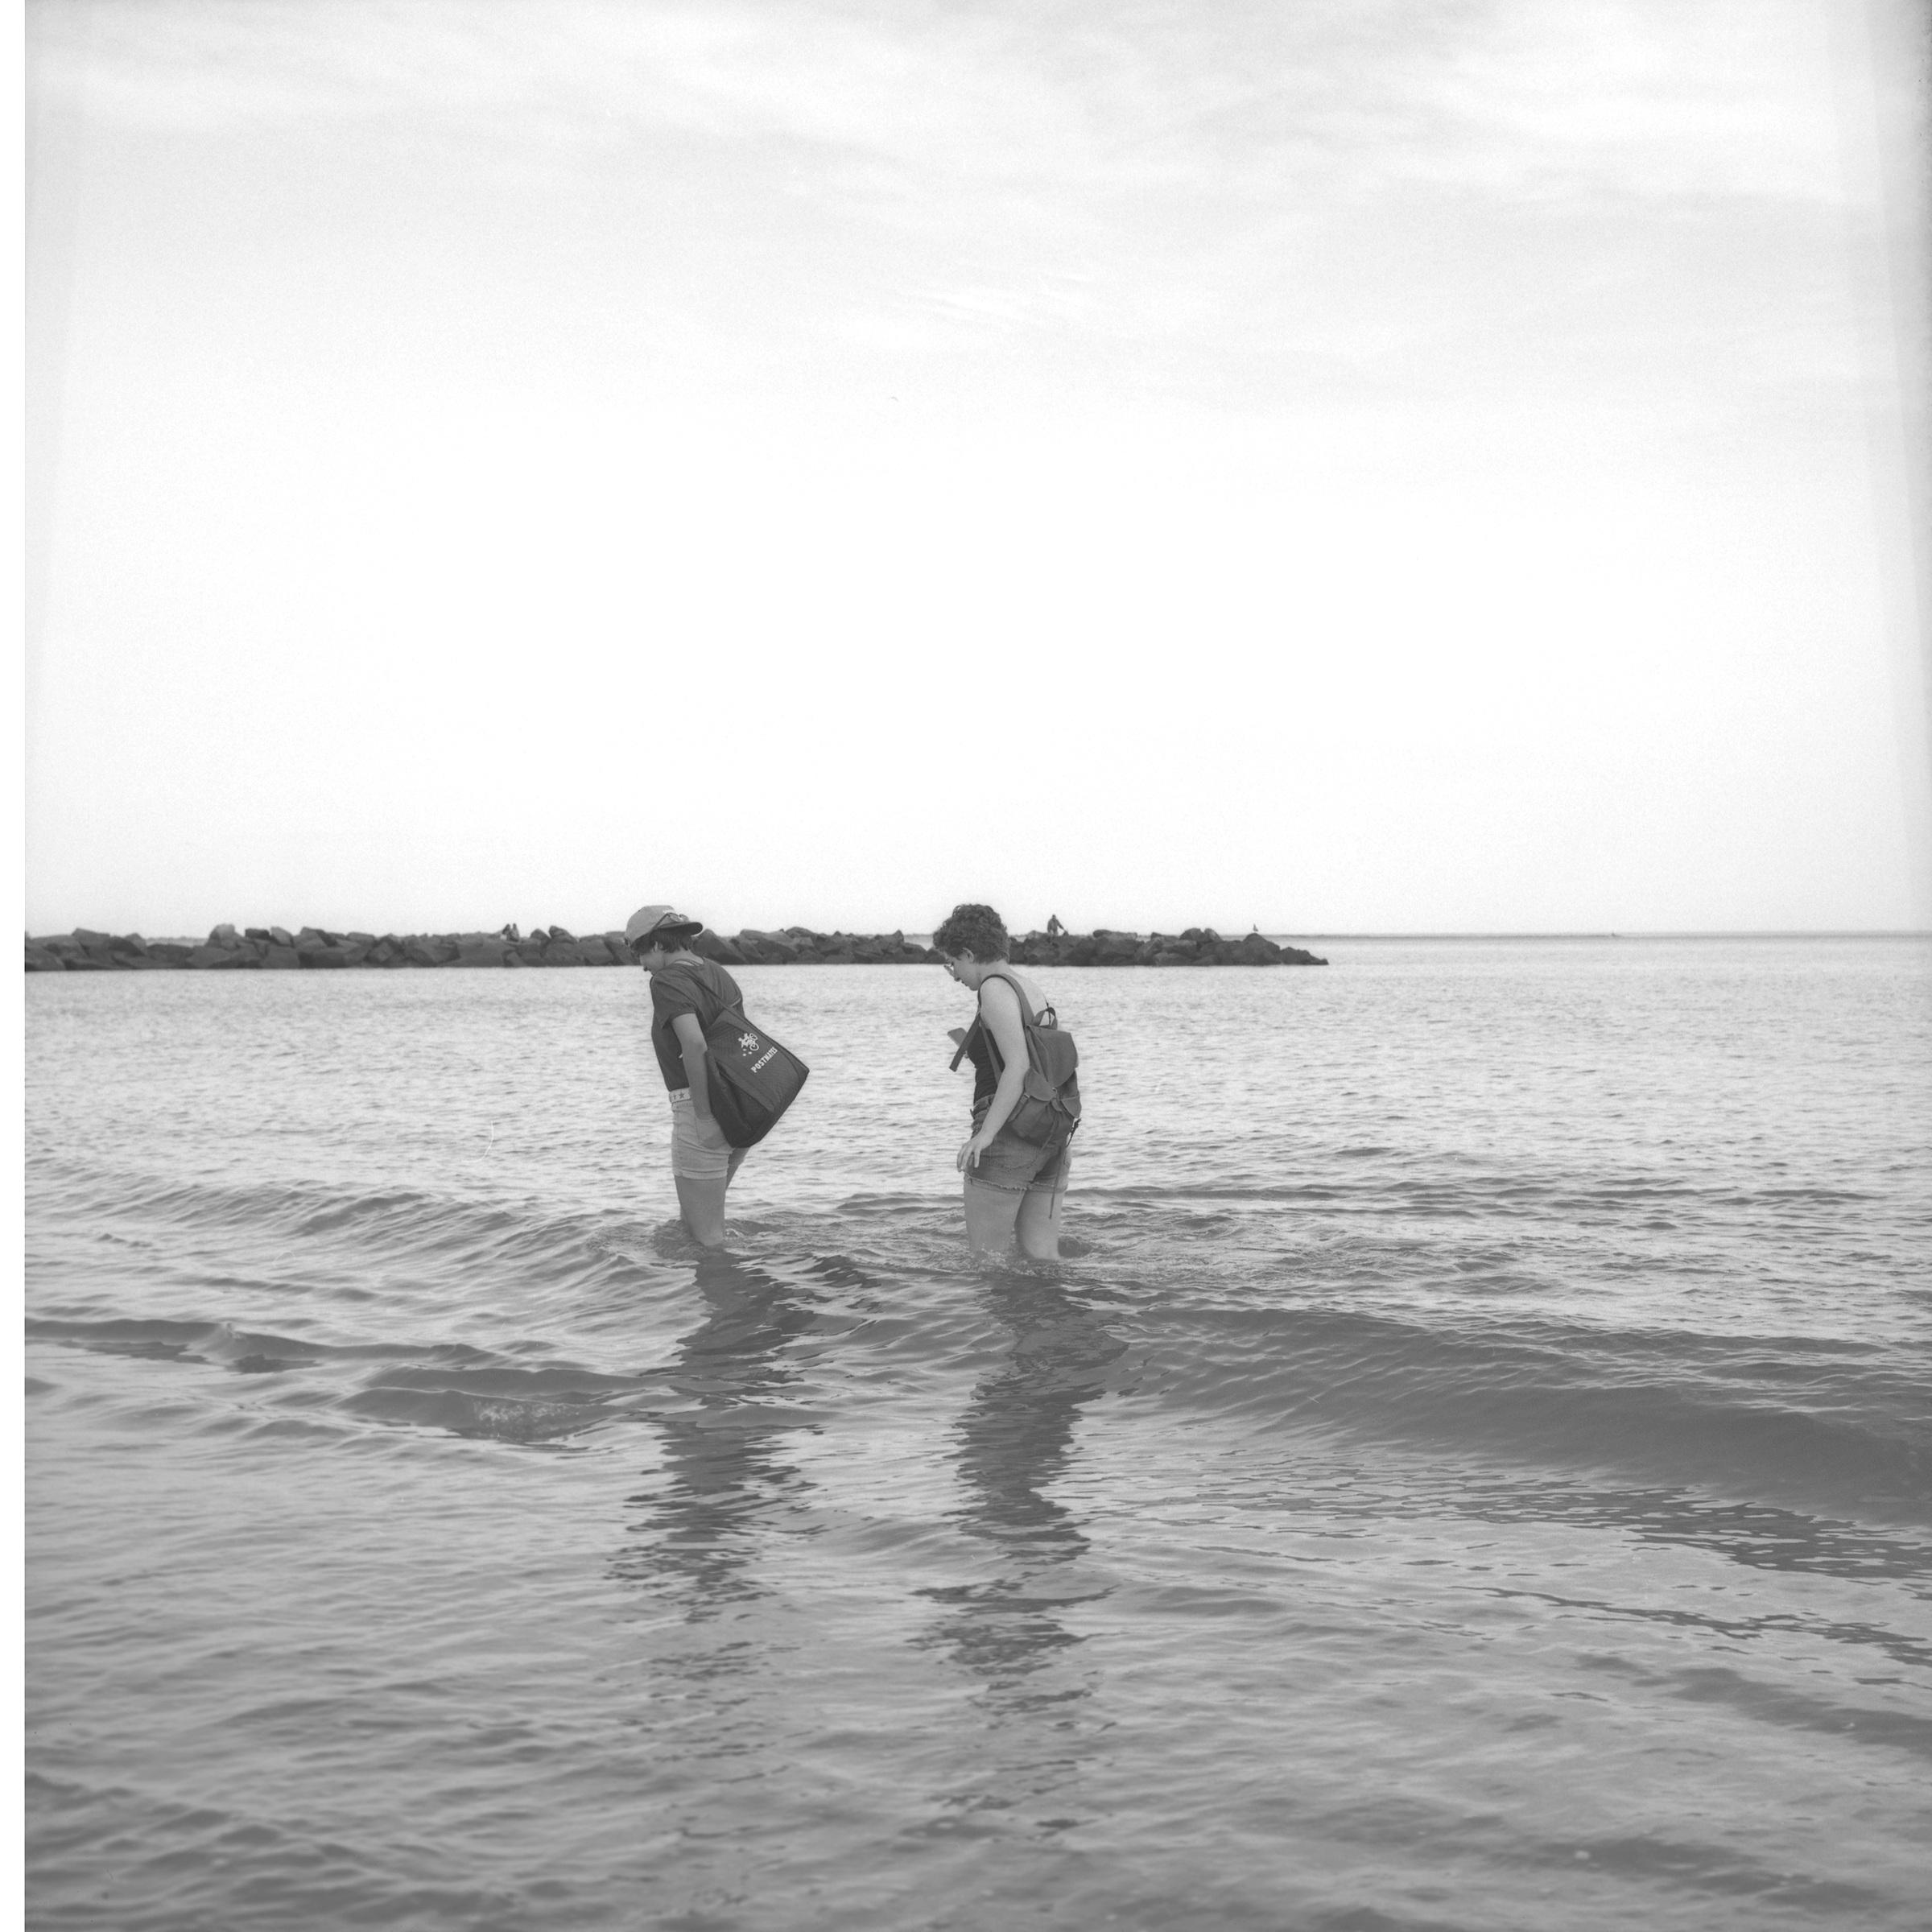 twogirlswater02.jpg